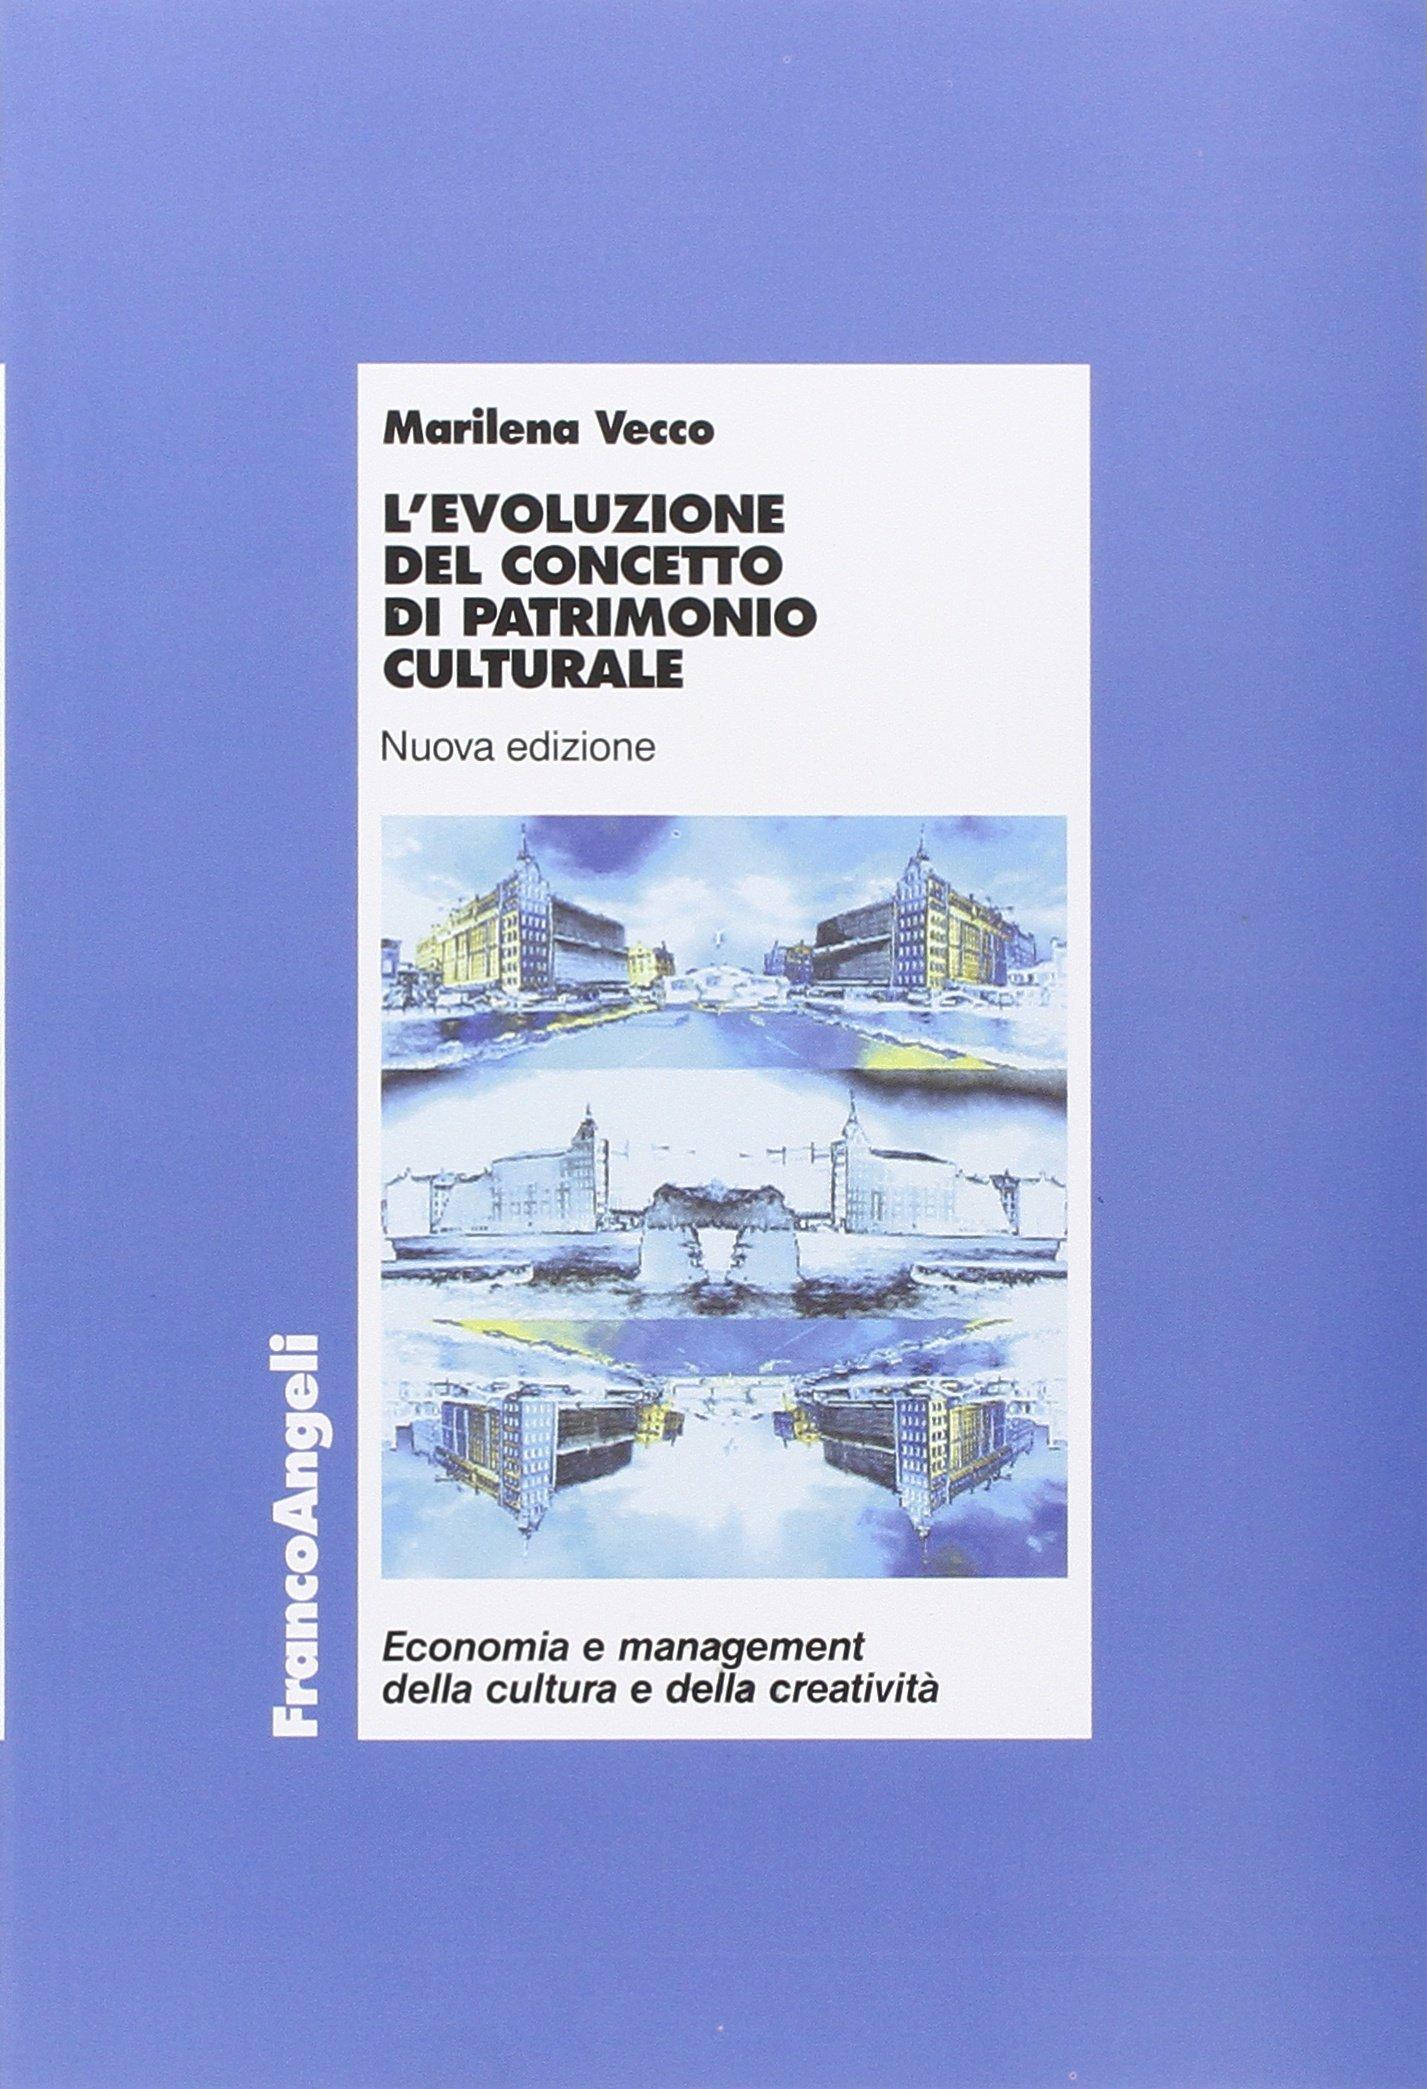 L'evoluzione del concetto di patrimonio culturale Copertina flessibile – 31 mar 2011 Marilena Vecco Franco Angeli 8856838168 ECONOMIA